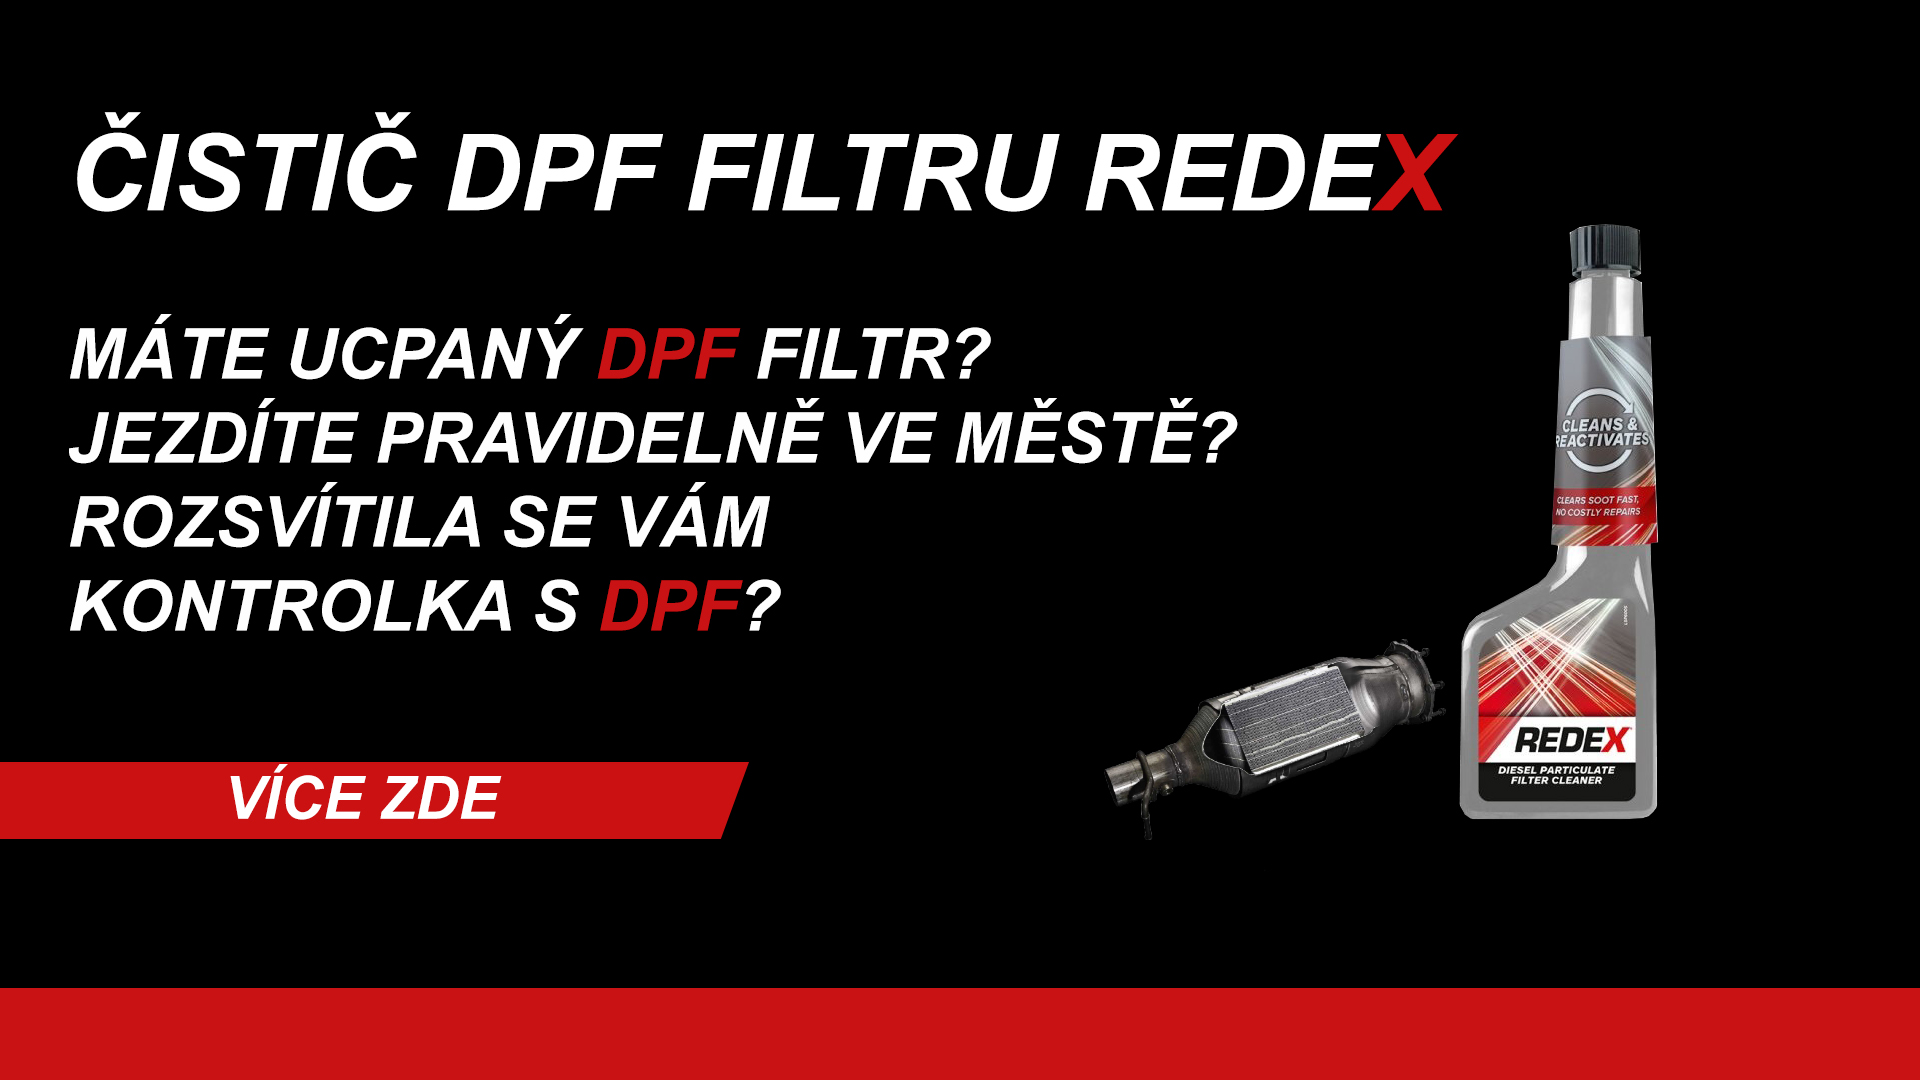 Čistič DPF filtru